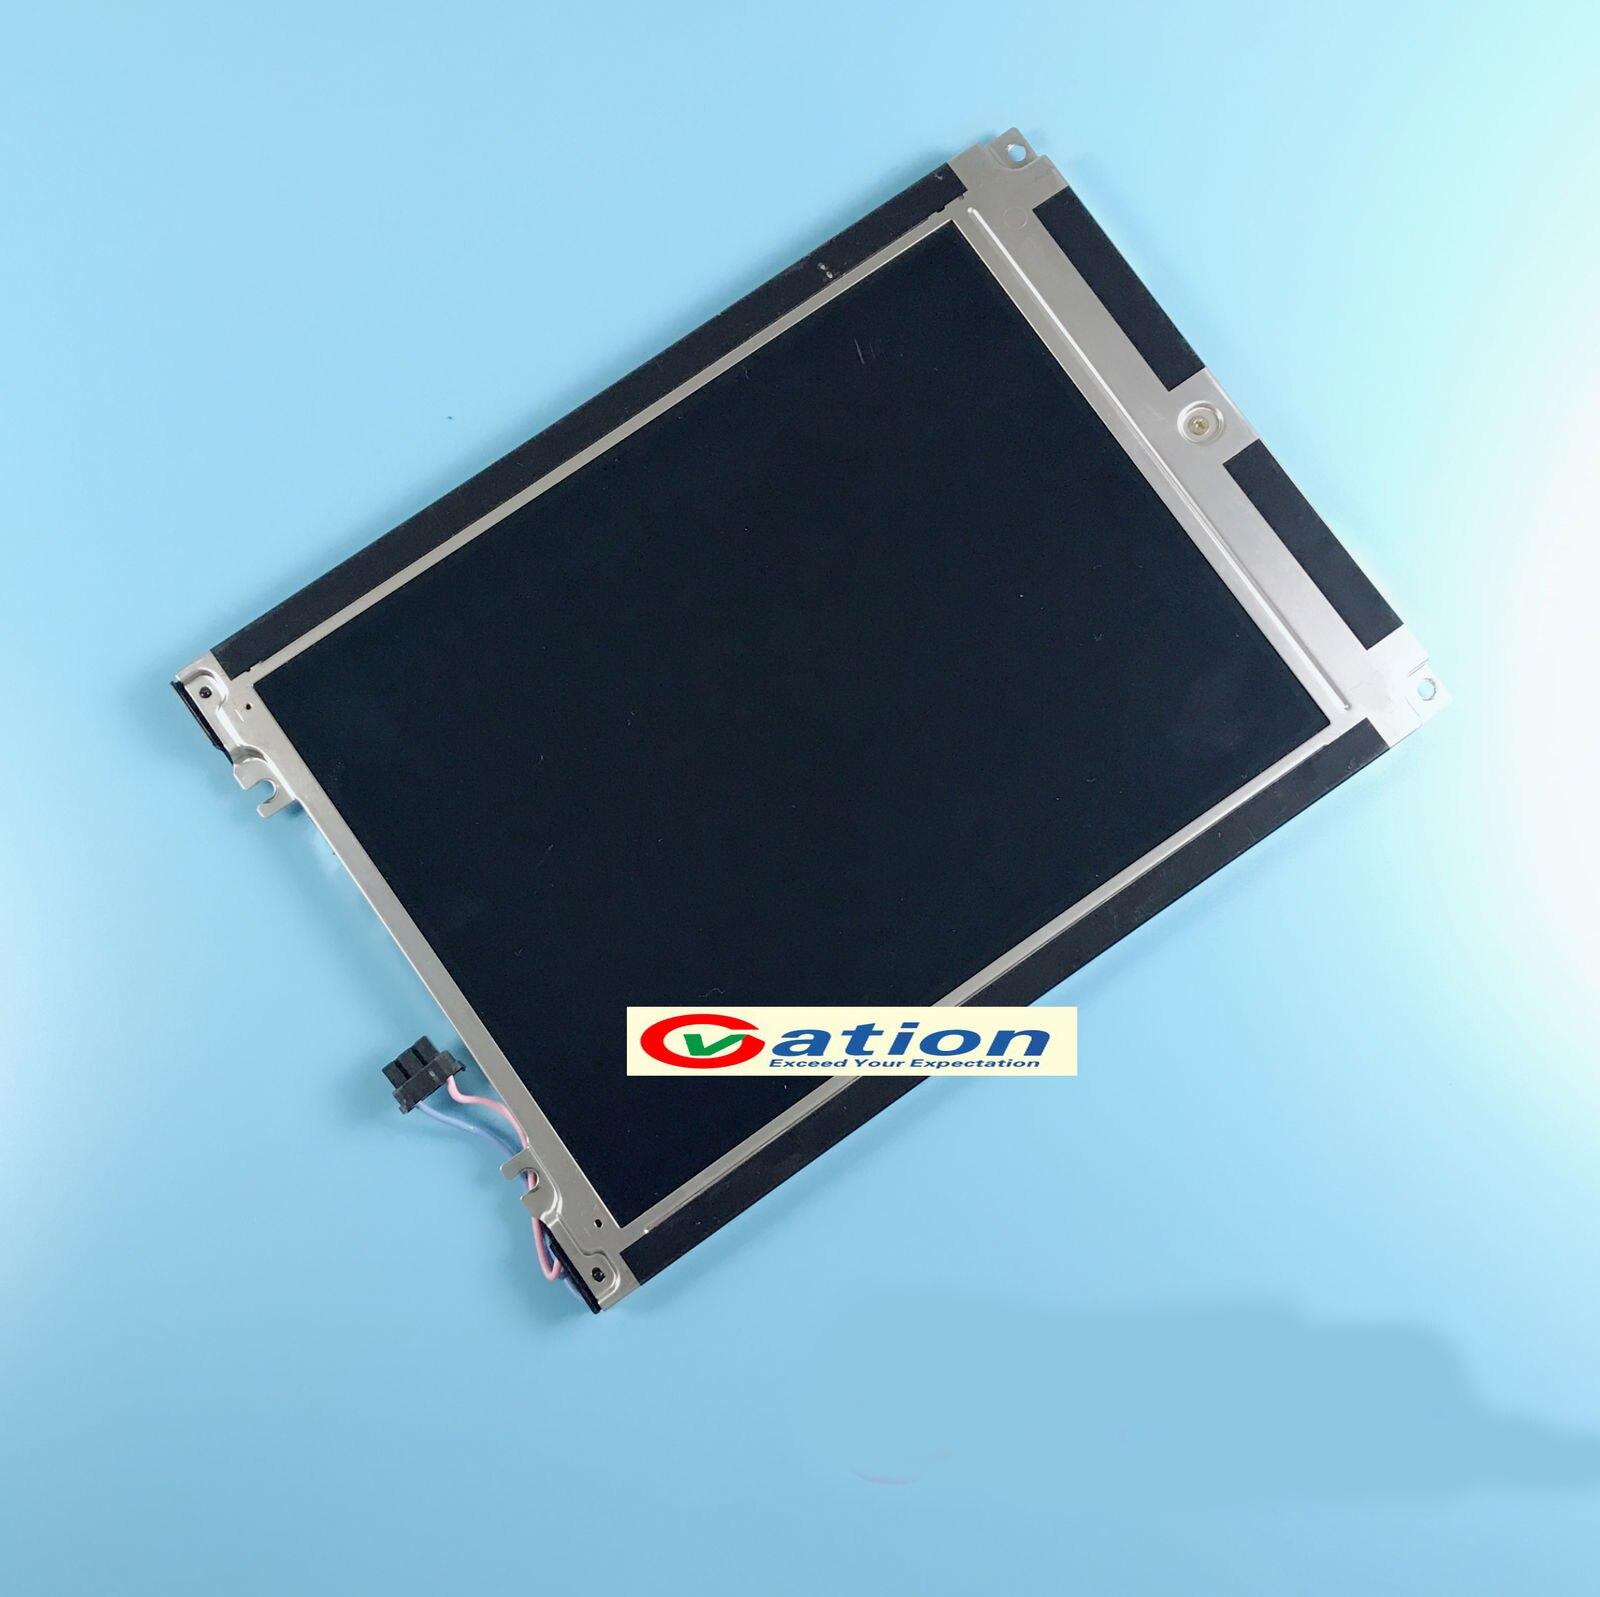 لوحة عرض LCD 7.7 بوصة ، أصلية وجديدة LM8V302 LM8V302H LM8V302R LM8V301